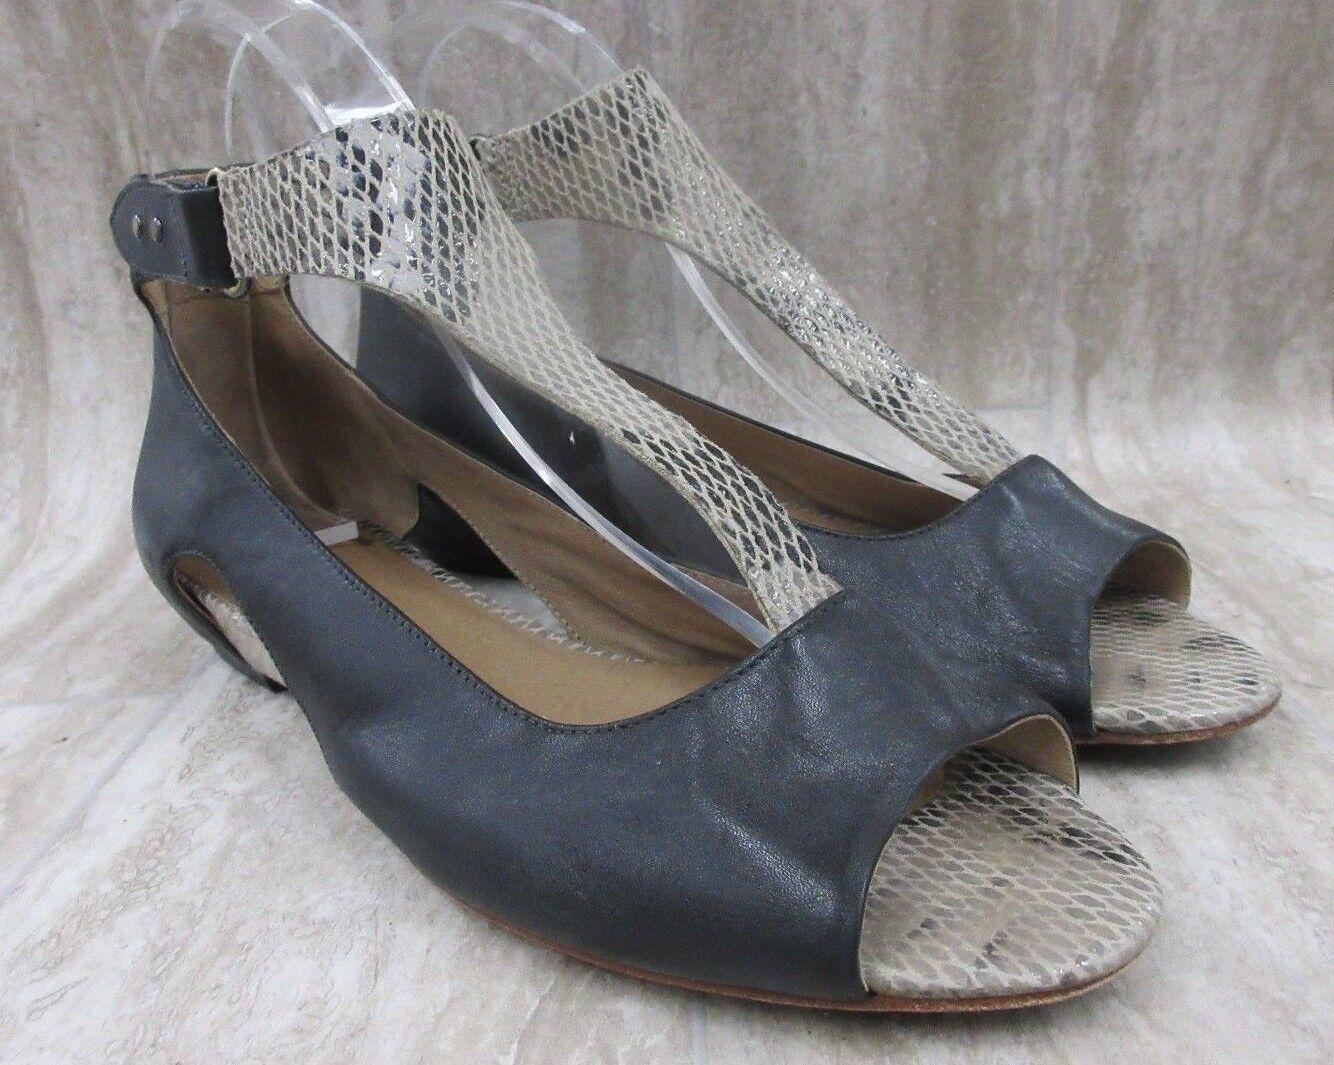 TSUBO Gerri Snake T-Strap Sandal in Beige Size    8.5 US a48247